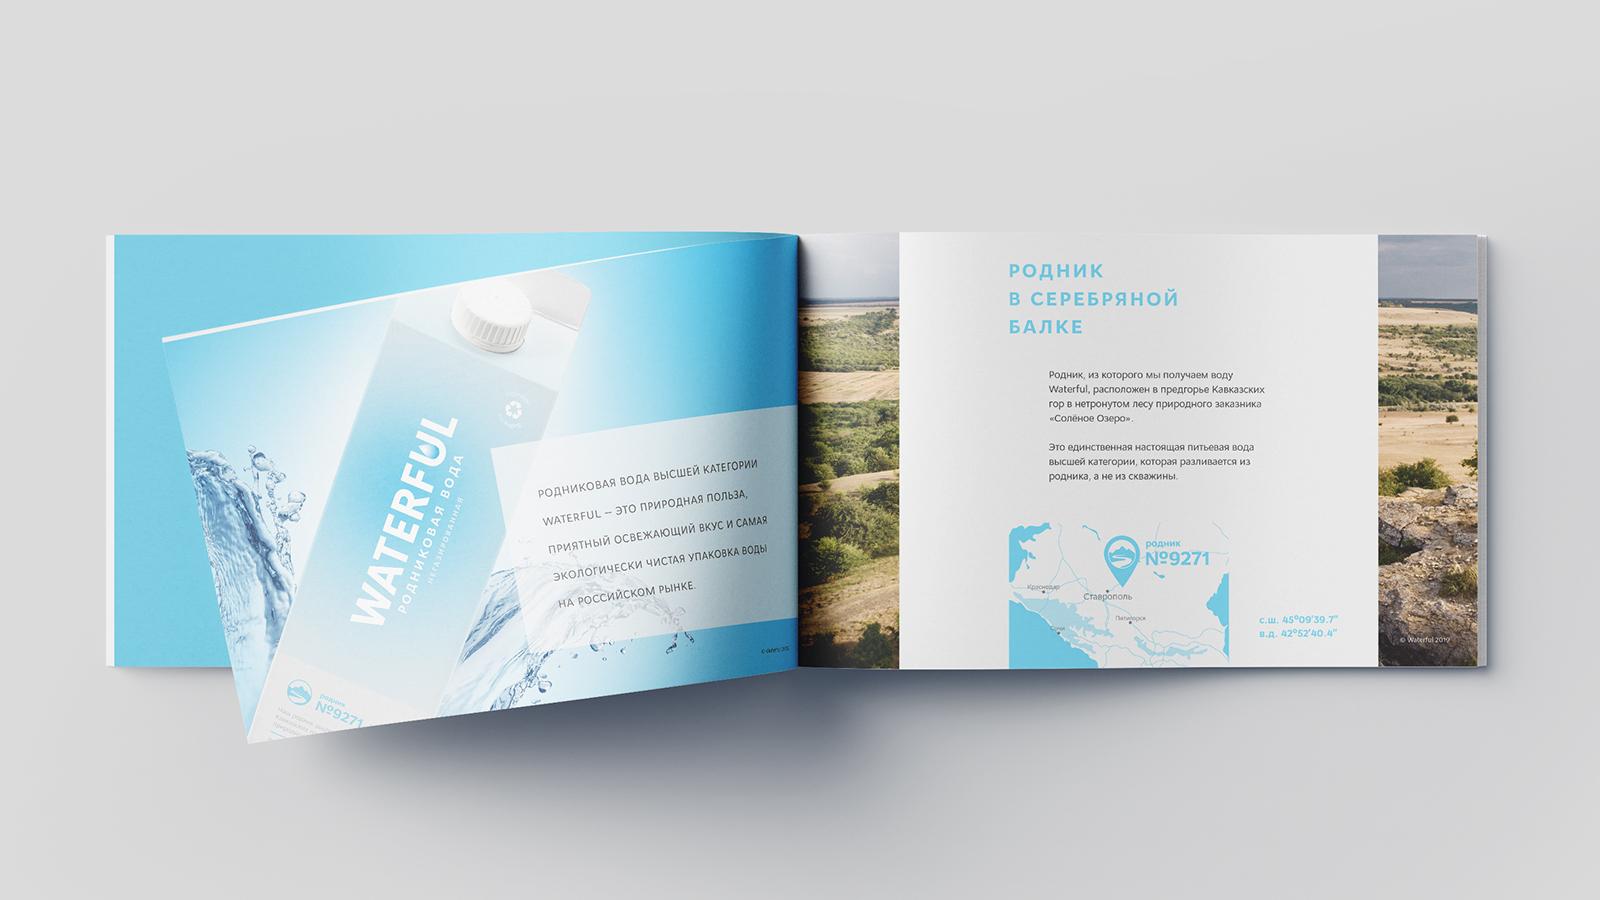 Дизайн каталога уникального бренда родниковой воды Waterful раскрывает ключевые аспекты позиционирования бренда